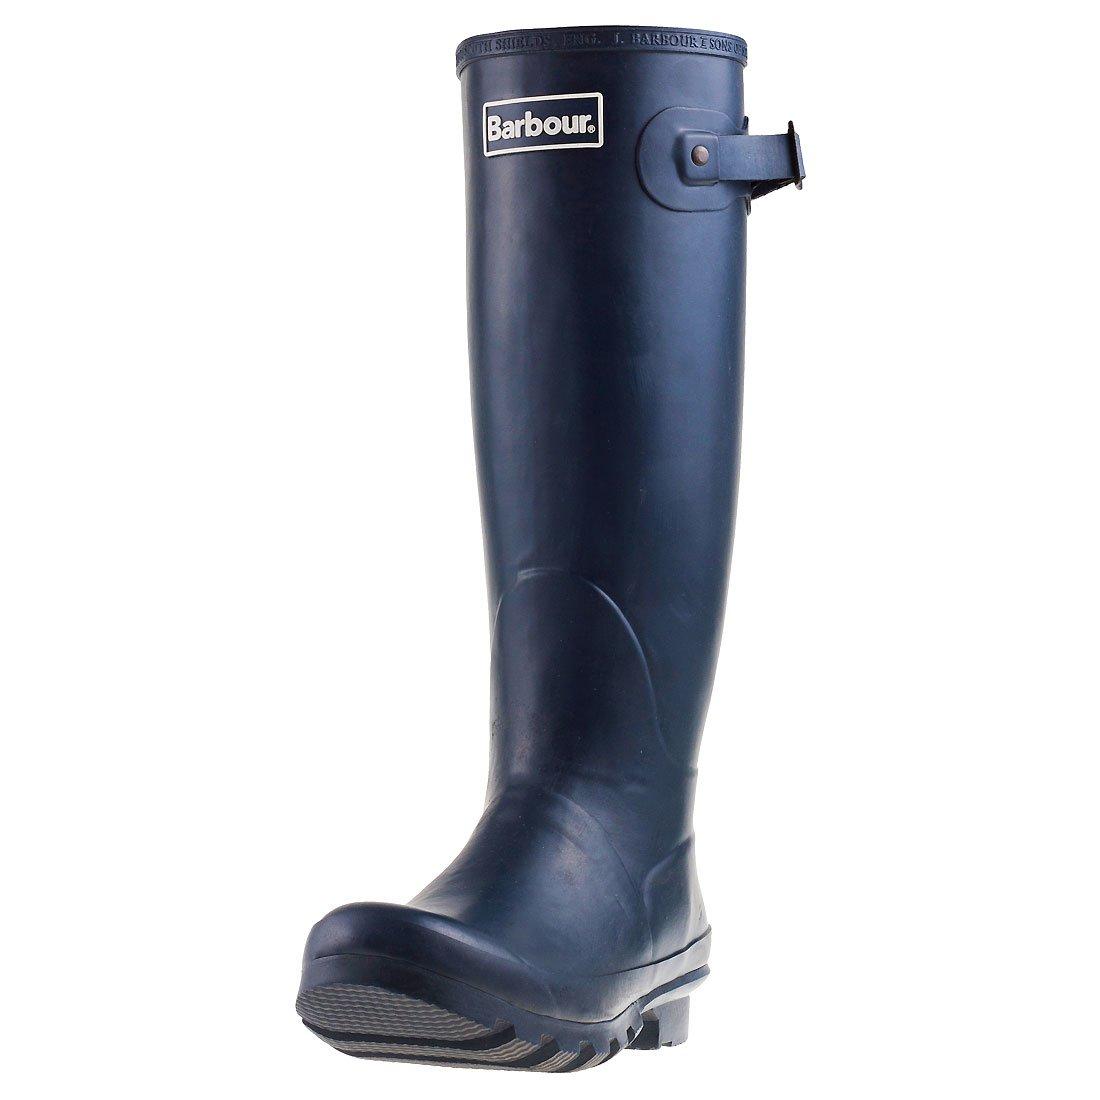 [バブアー] Womens Bede雪Wellingtons Mid Calf冬防水ブーツ 6 B(M) US ネイビー B00NA7T97U